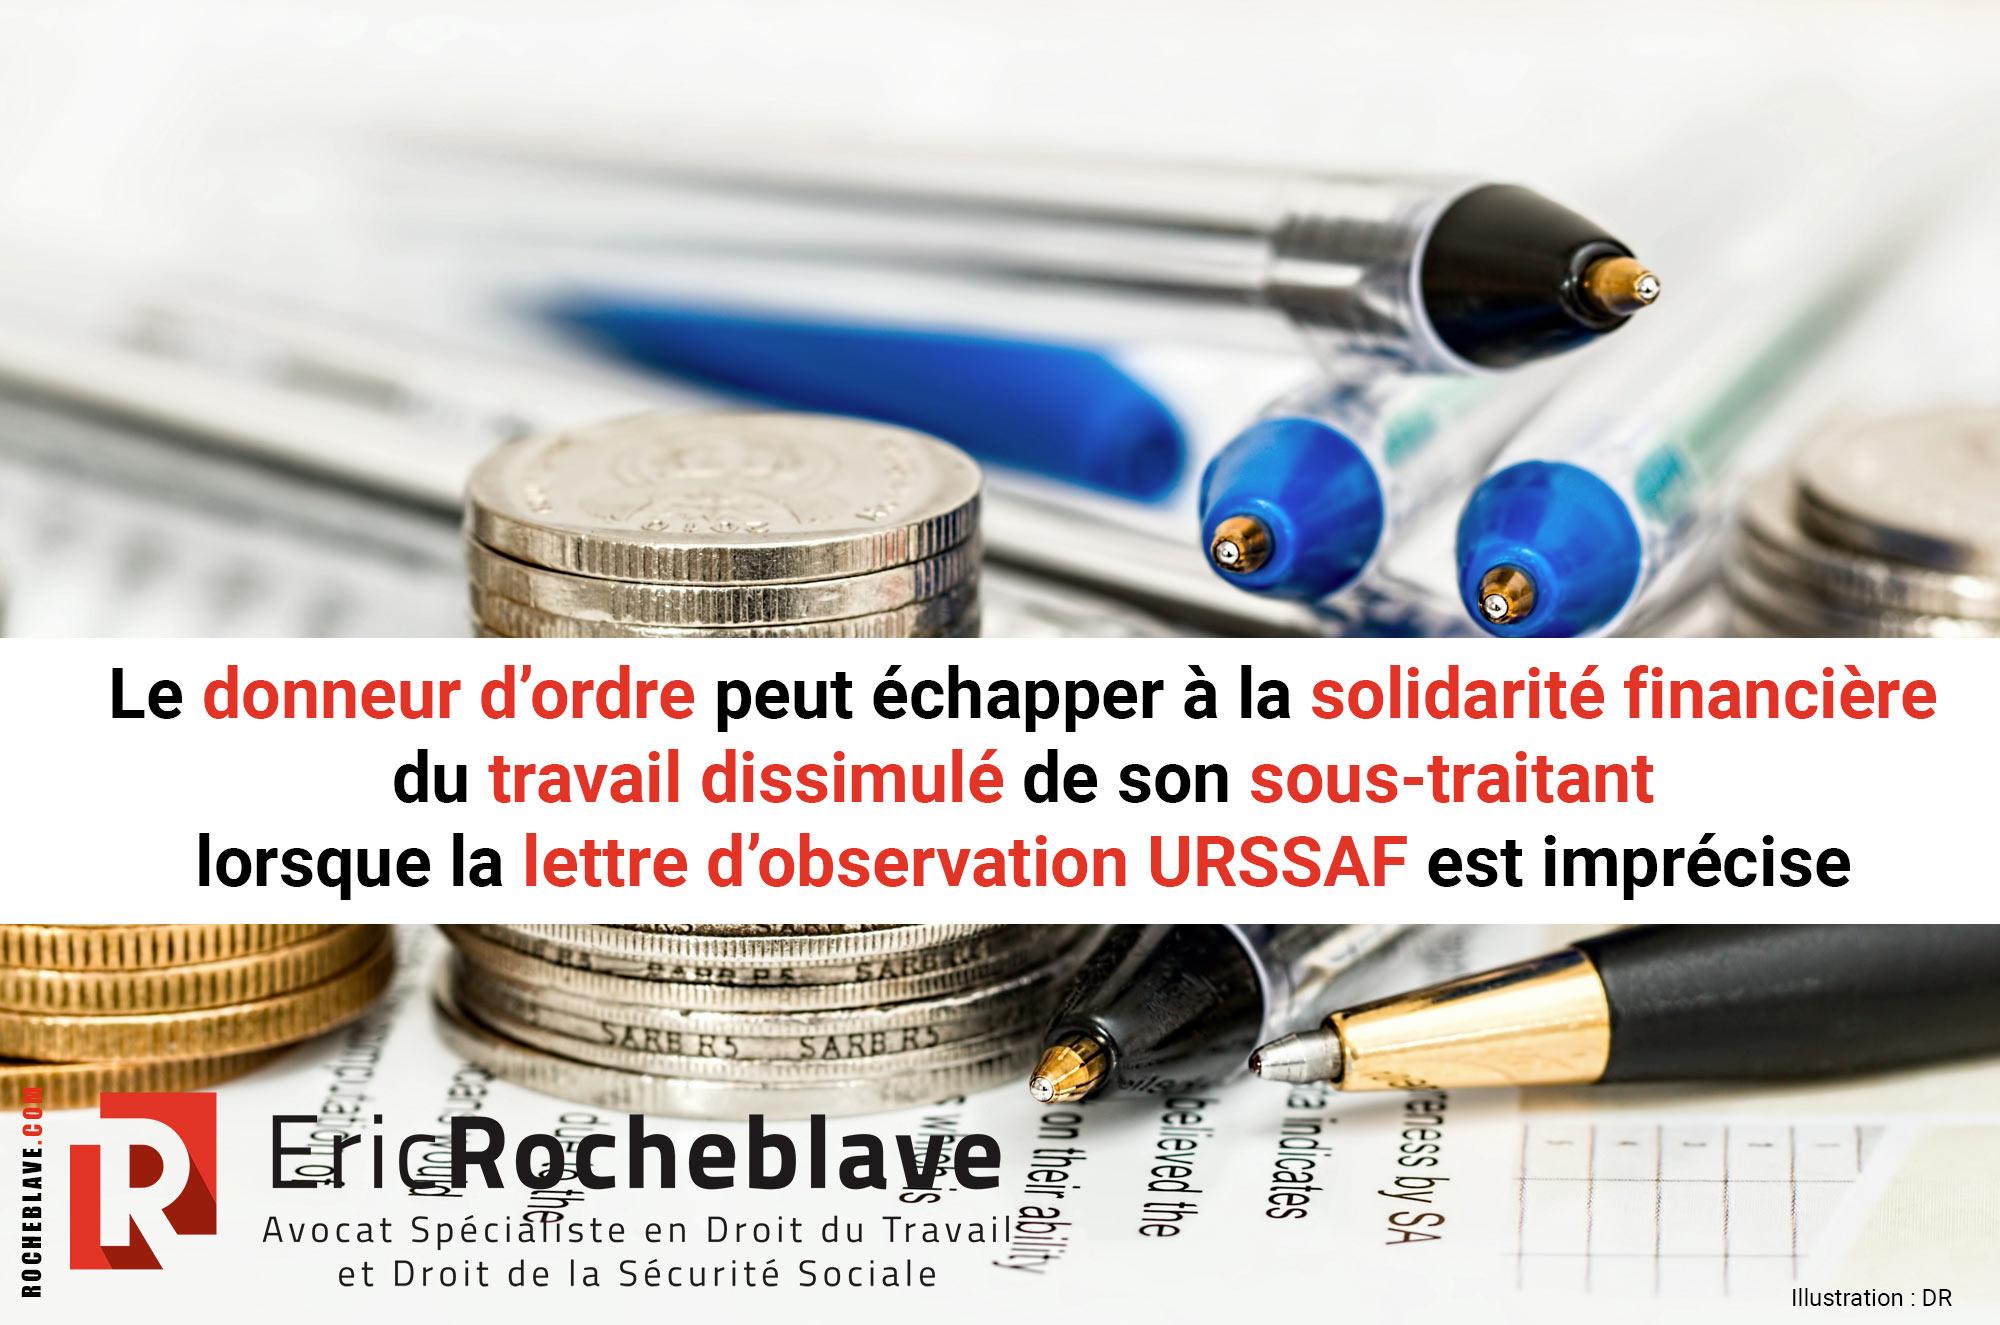 Le donneur d'ordre peut échapper à la solidarité financière du travail dissimulé de son sous-traitant lorsque la lettre d'observation URSSAF est imprécise